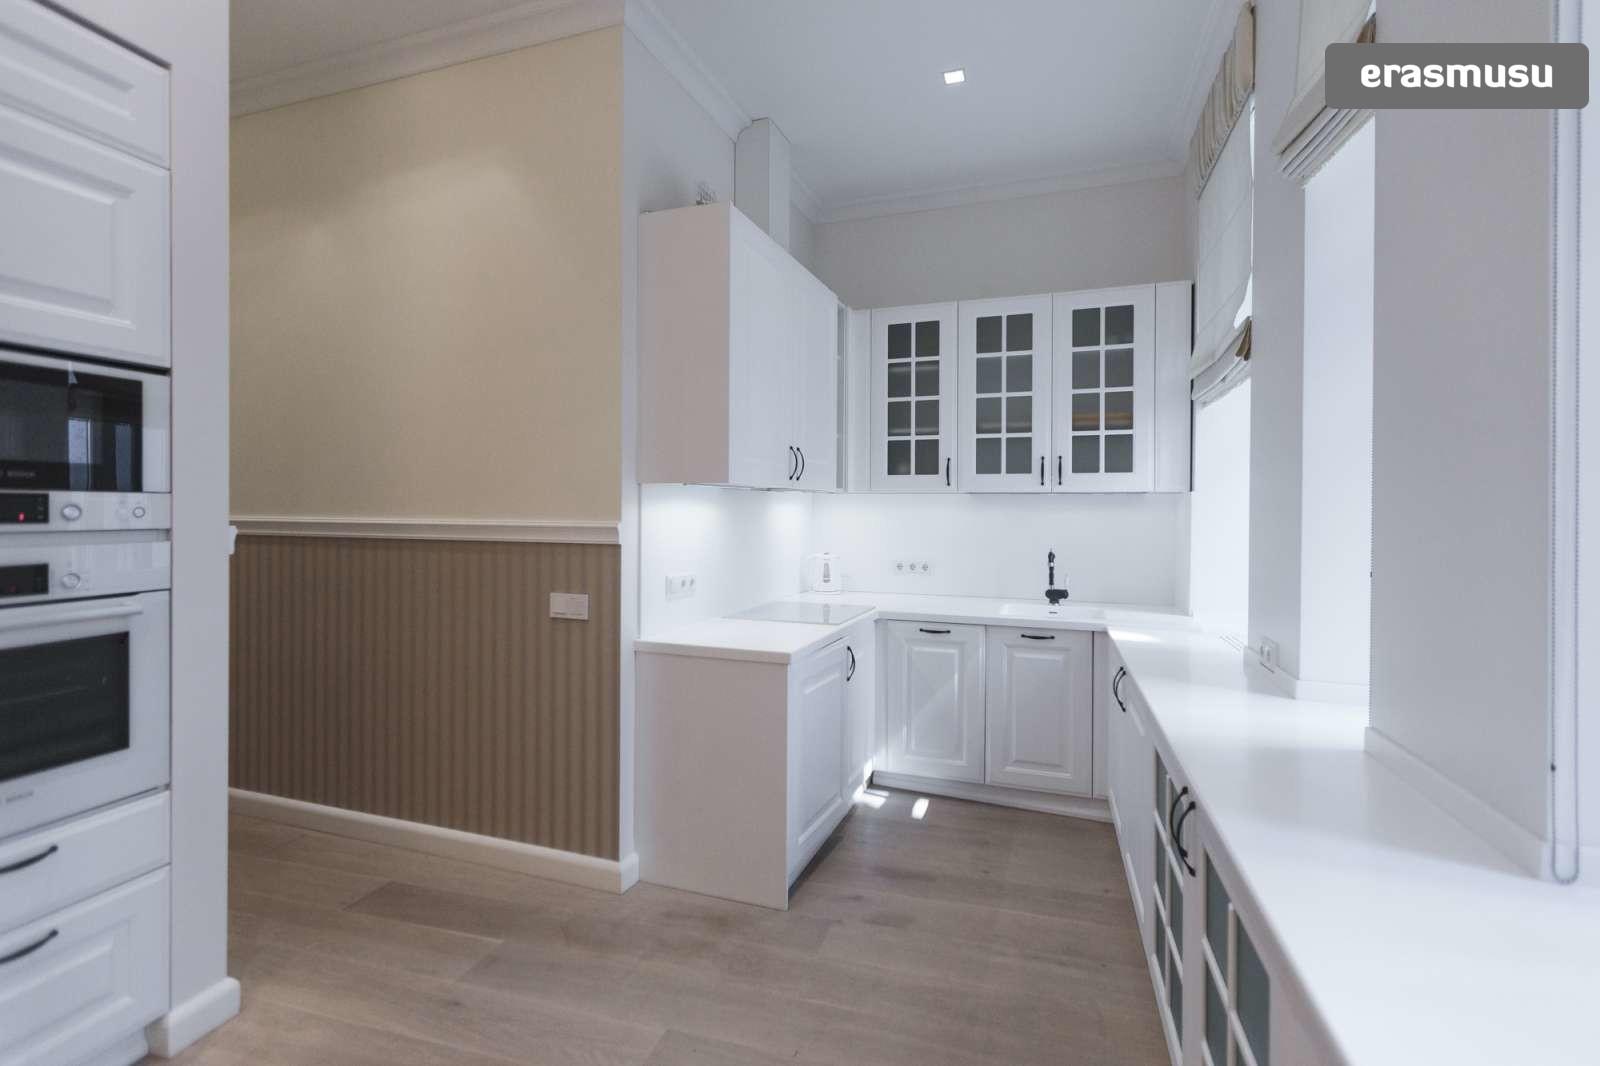 elegant-2-bedroom-partment-rent-centrs-2a0ca11d808524d0869d29d2b